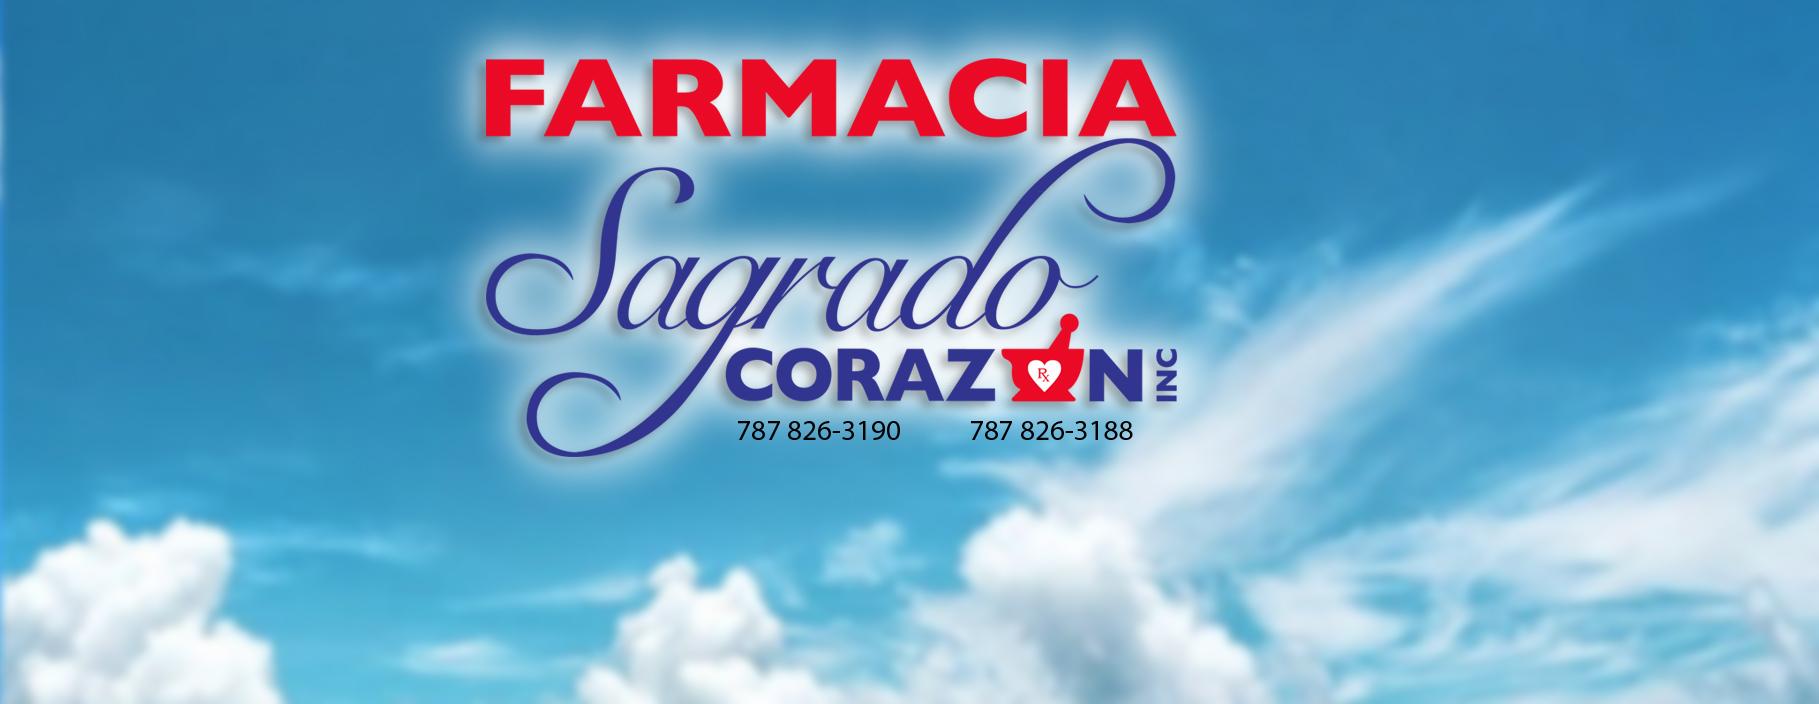 farsaco1